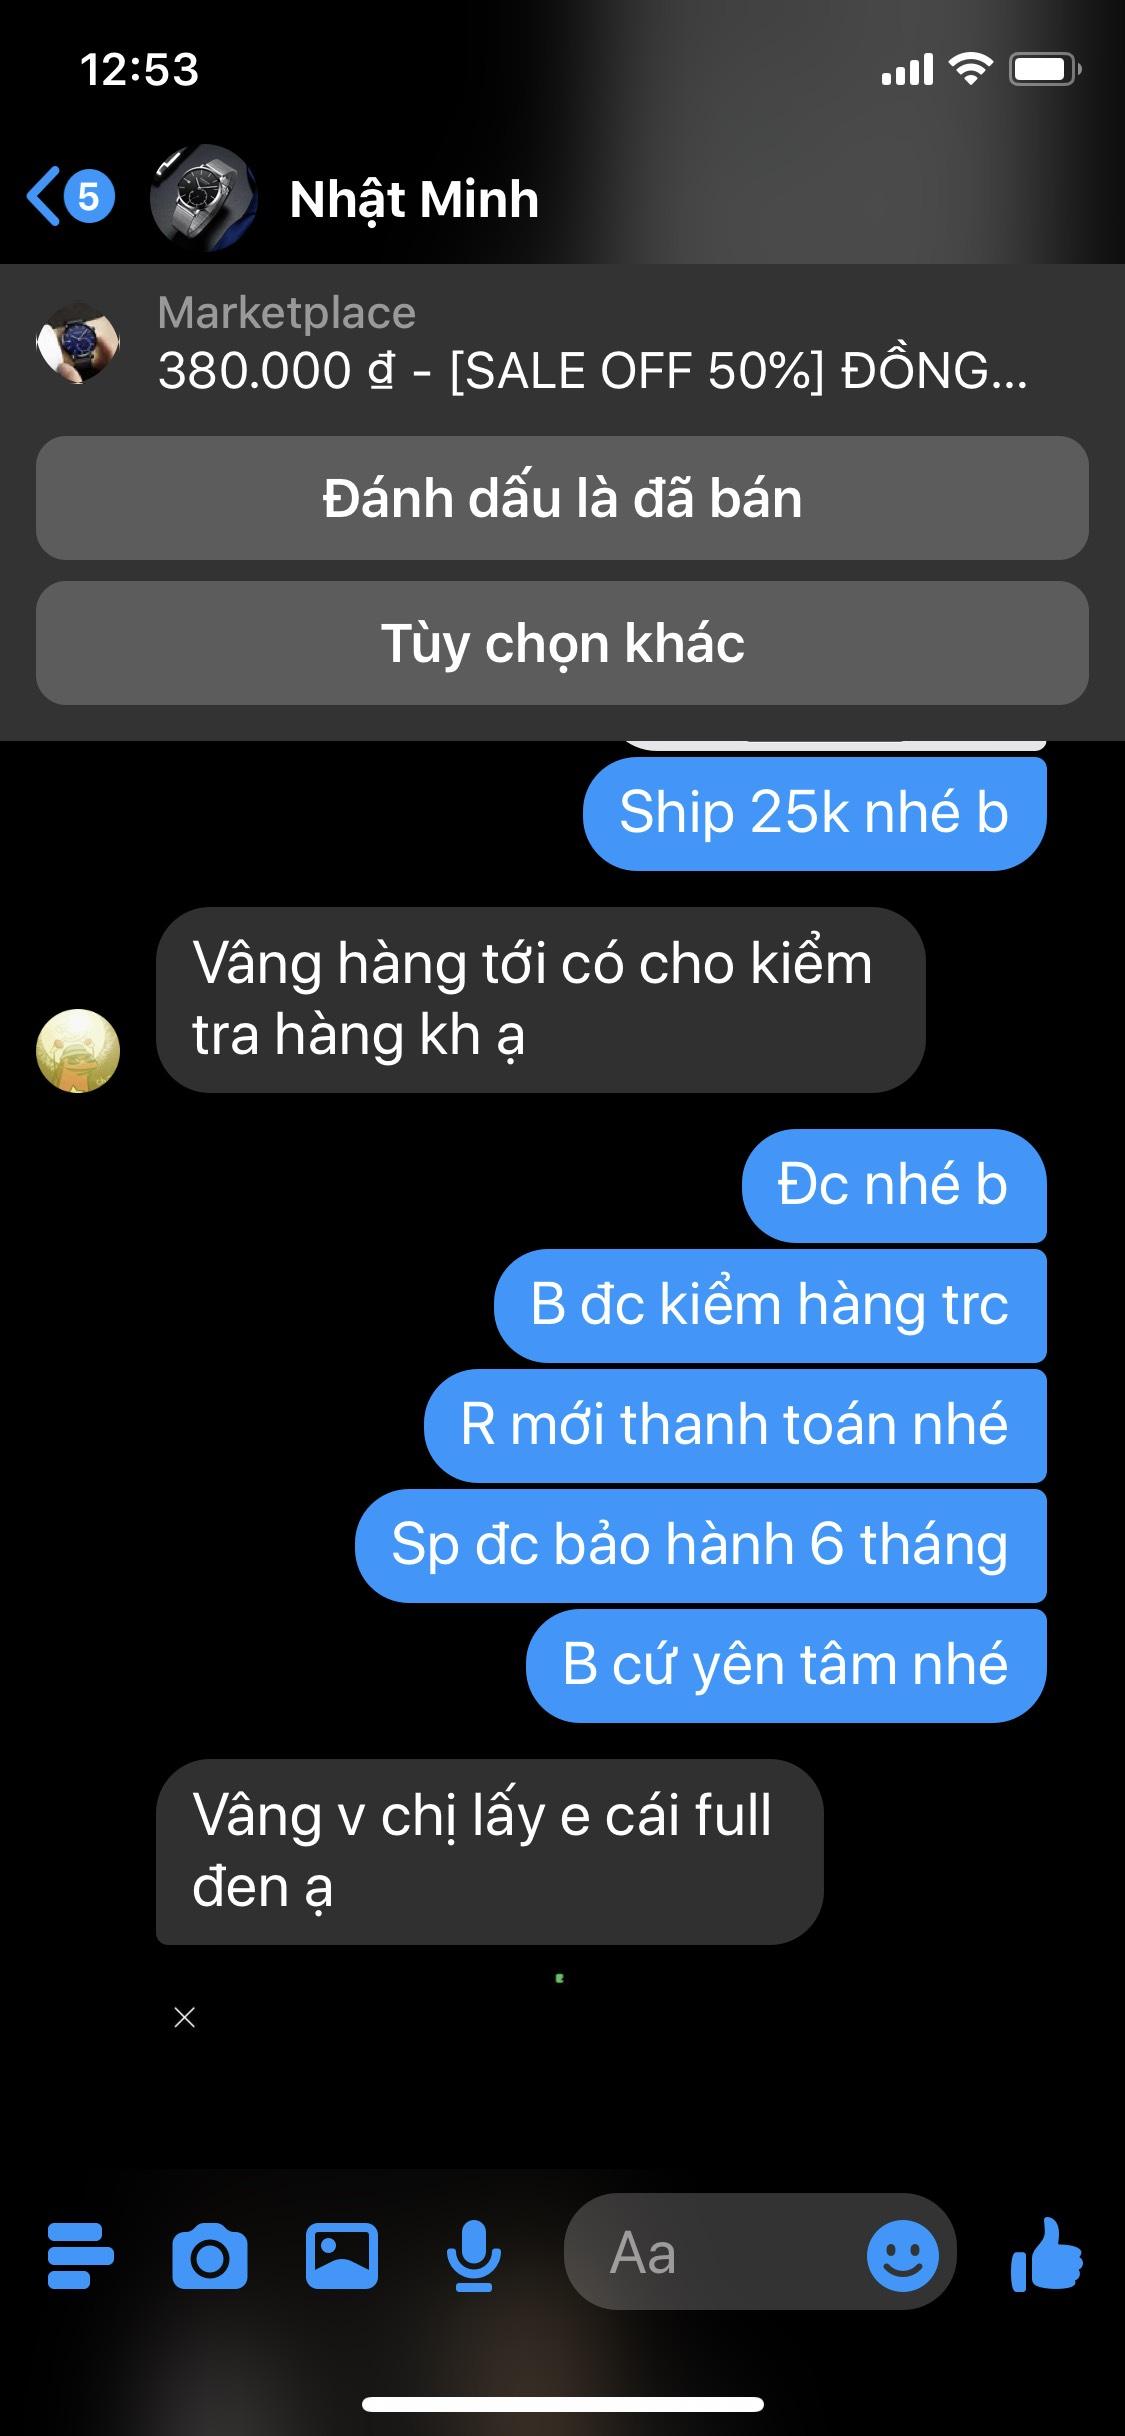 ket-qua-cua-mia-hong-nga (4)